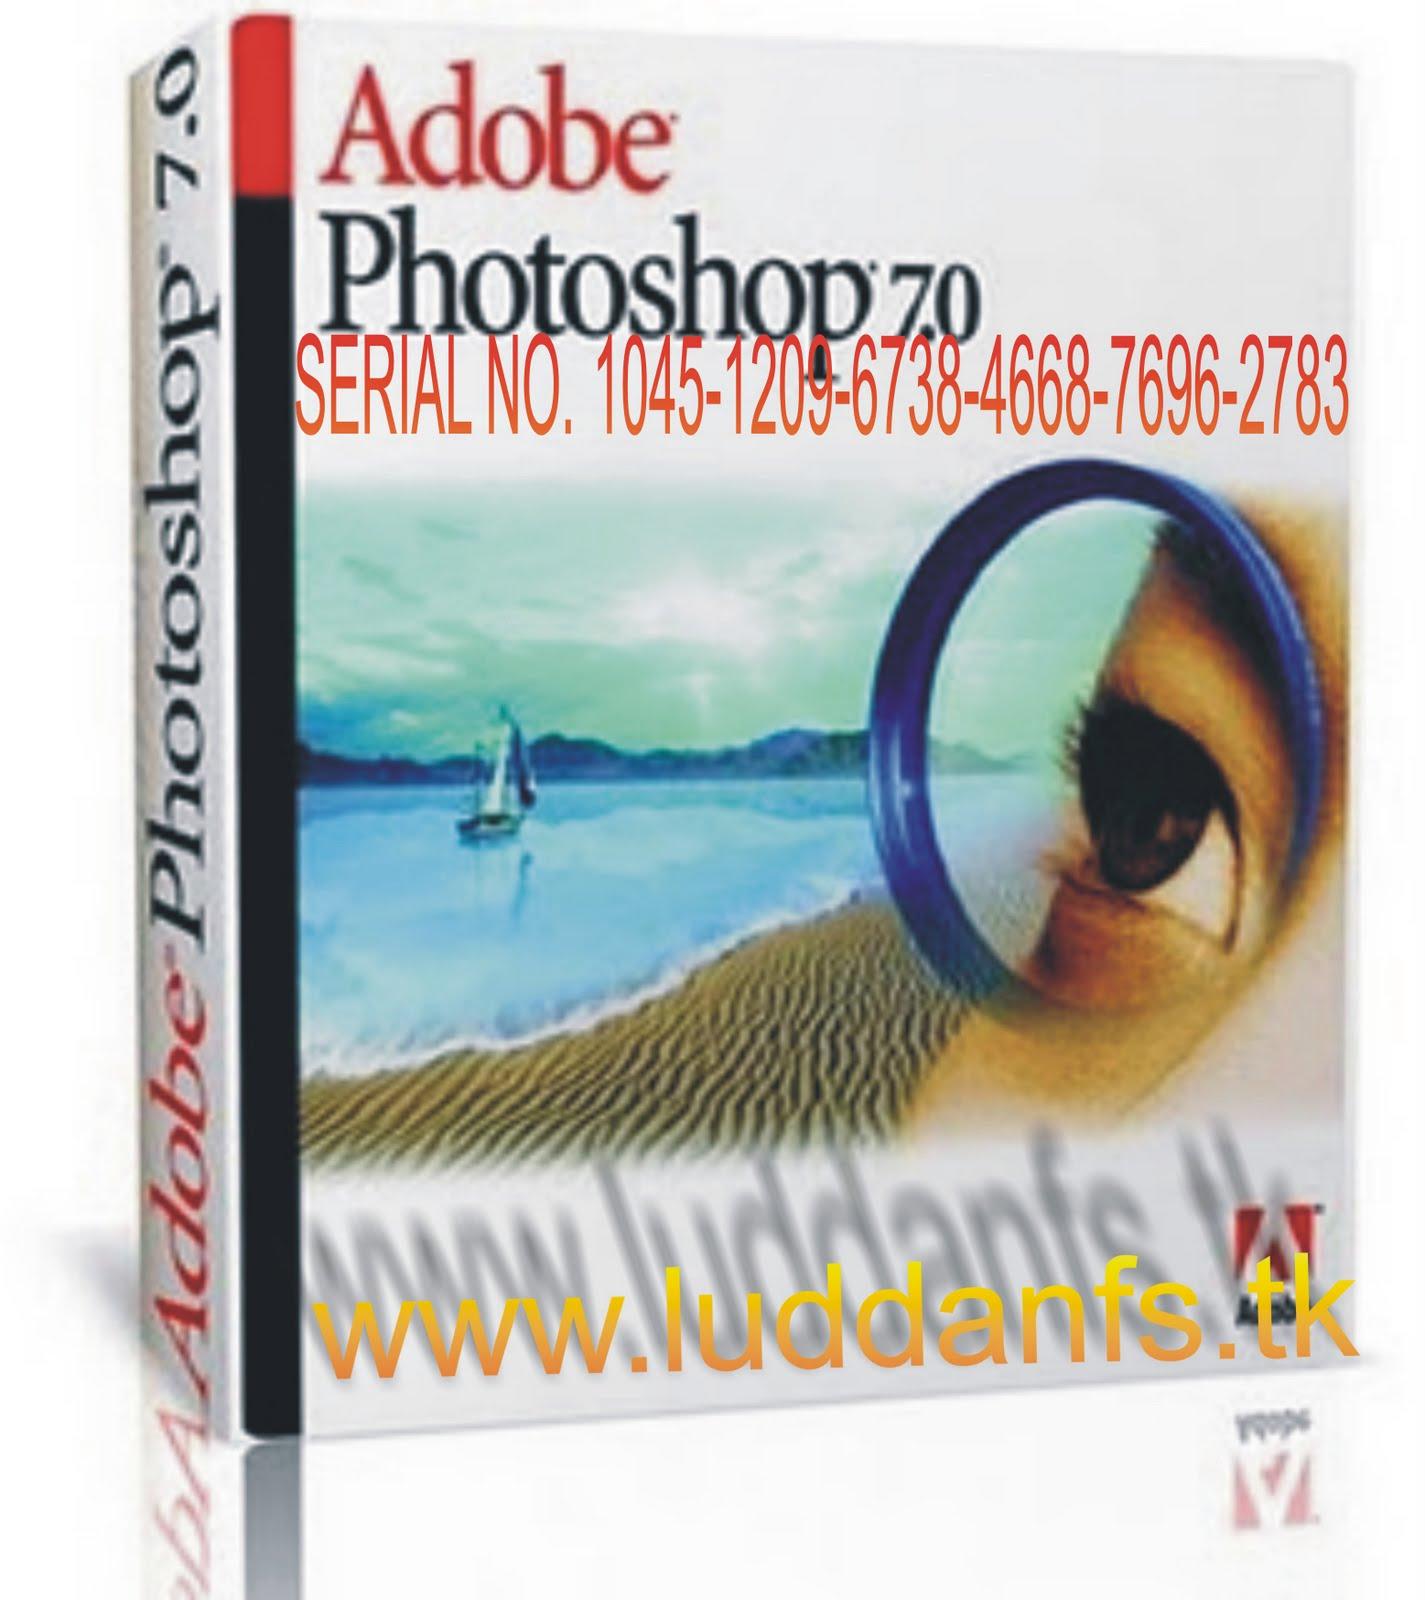 http://2.bp.blogspot.com/-5VL2vsTF2yk/Tk0gRYPh9UI/AAAAAAAAAIg/7chOb4u-Mg0/s1600/Adobe%2BPhotoshop%2B7.jpg